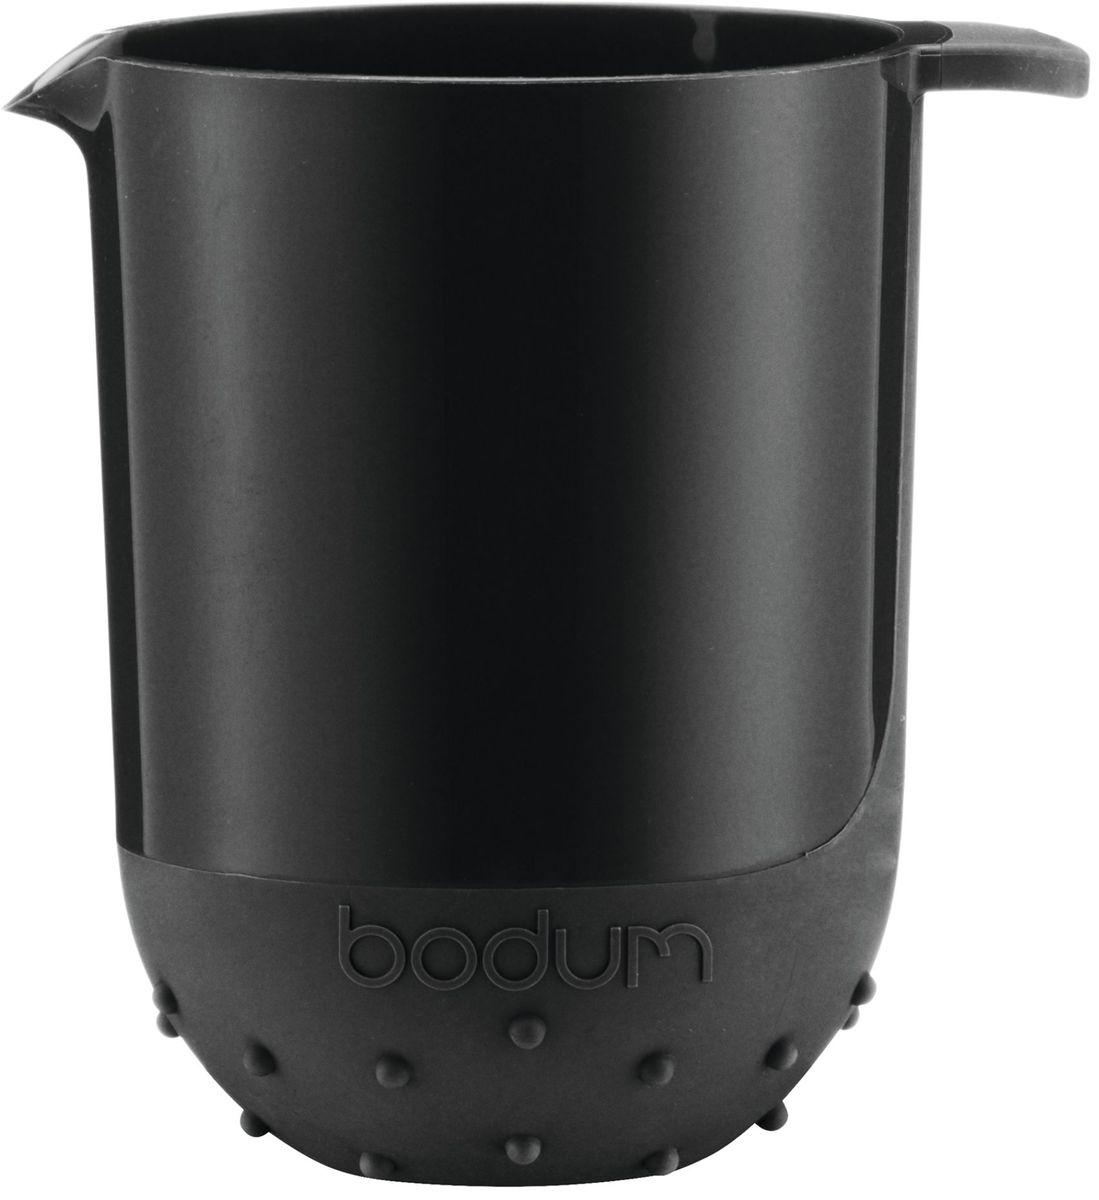 Миска Bodum Bistro, цвет: черный, 1 л. 11-01B11-01B